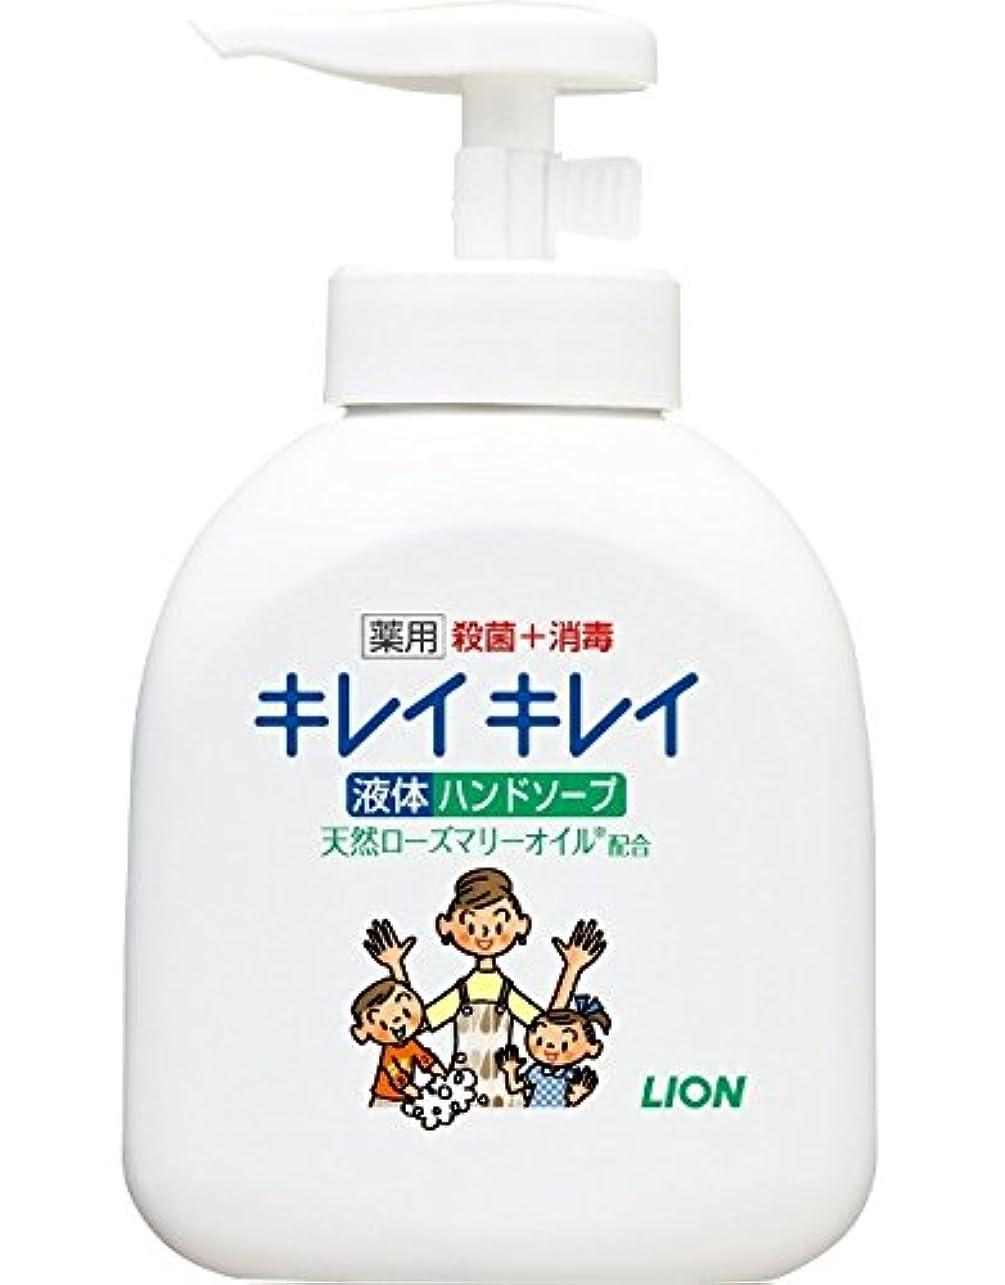 借りる作者文句を言うキレイキレイ 薬用 液体ハンドソープ 本体ポンプ 250ml(医薬部外品)